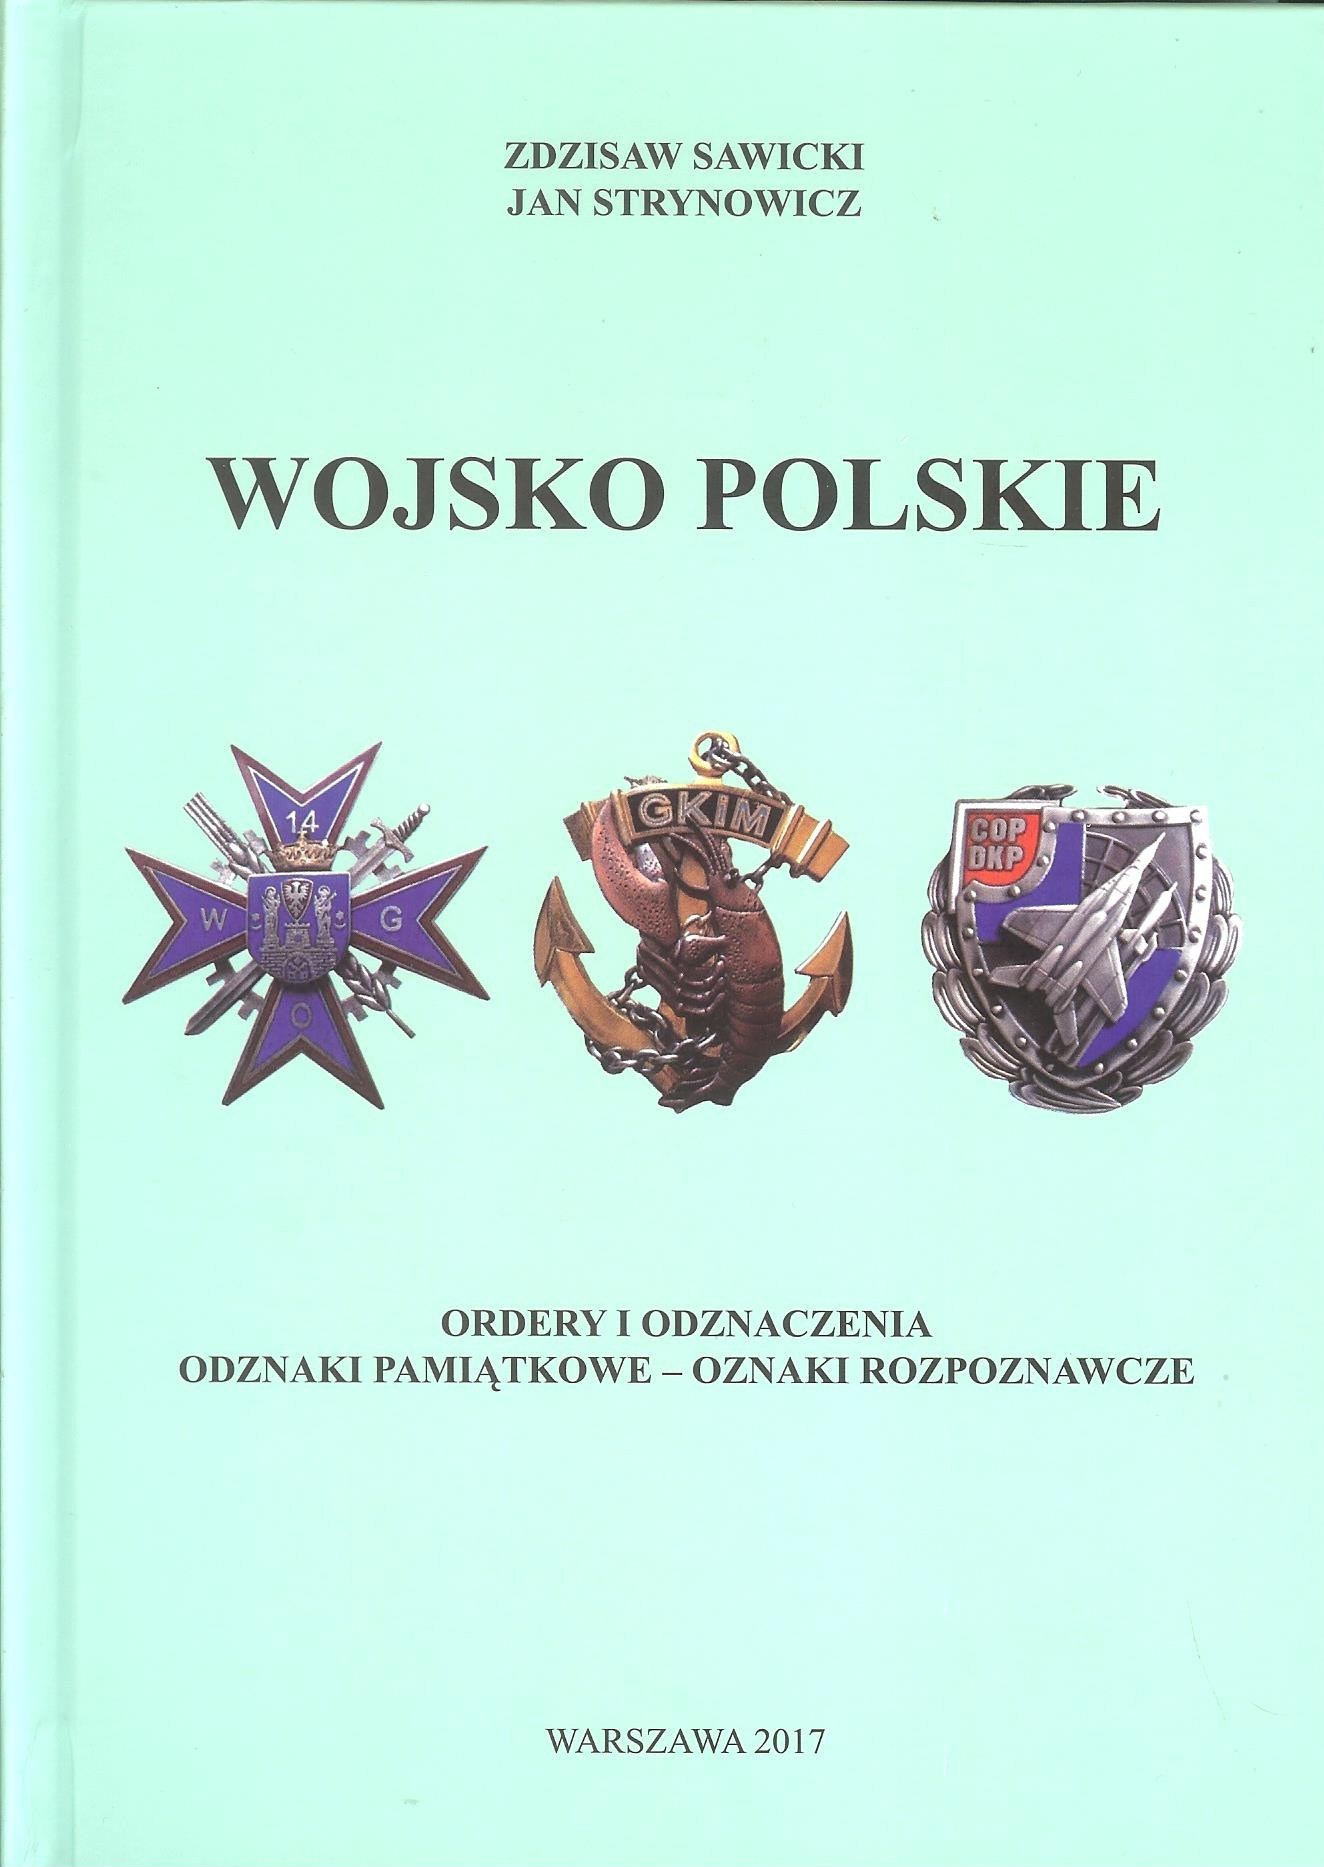 Katalog odznak Sawicki Strynowicz